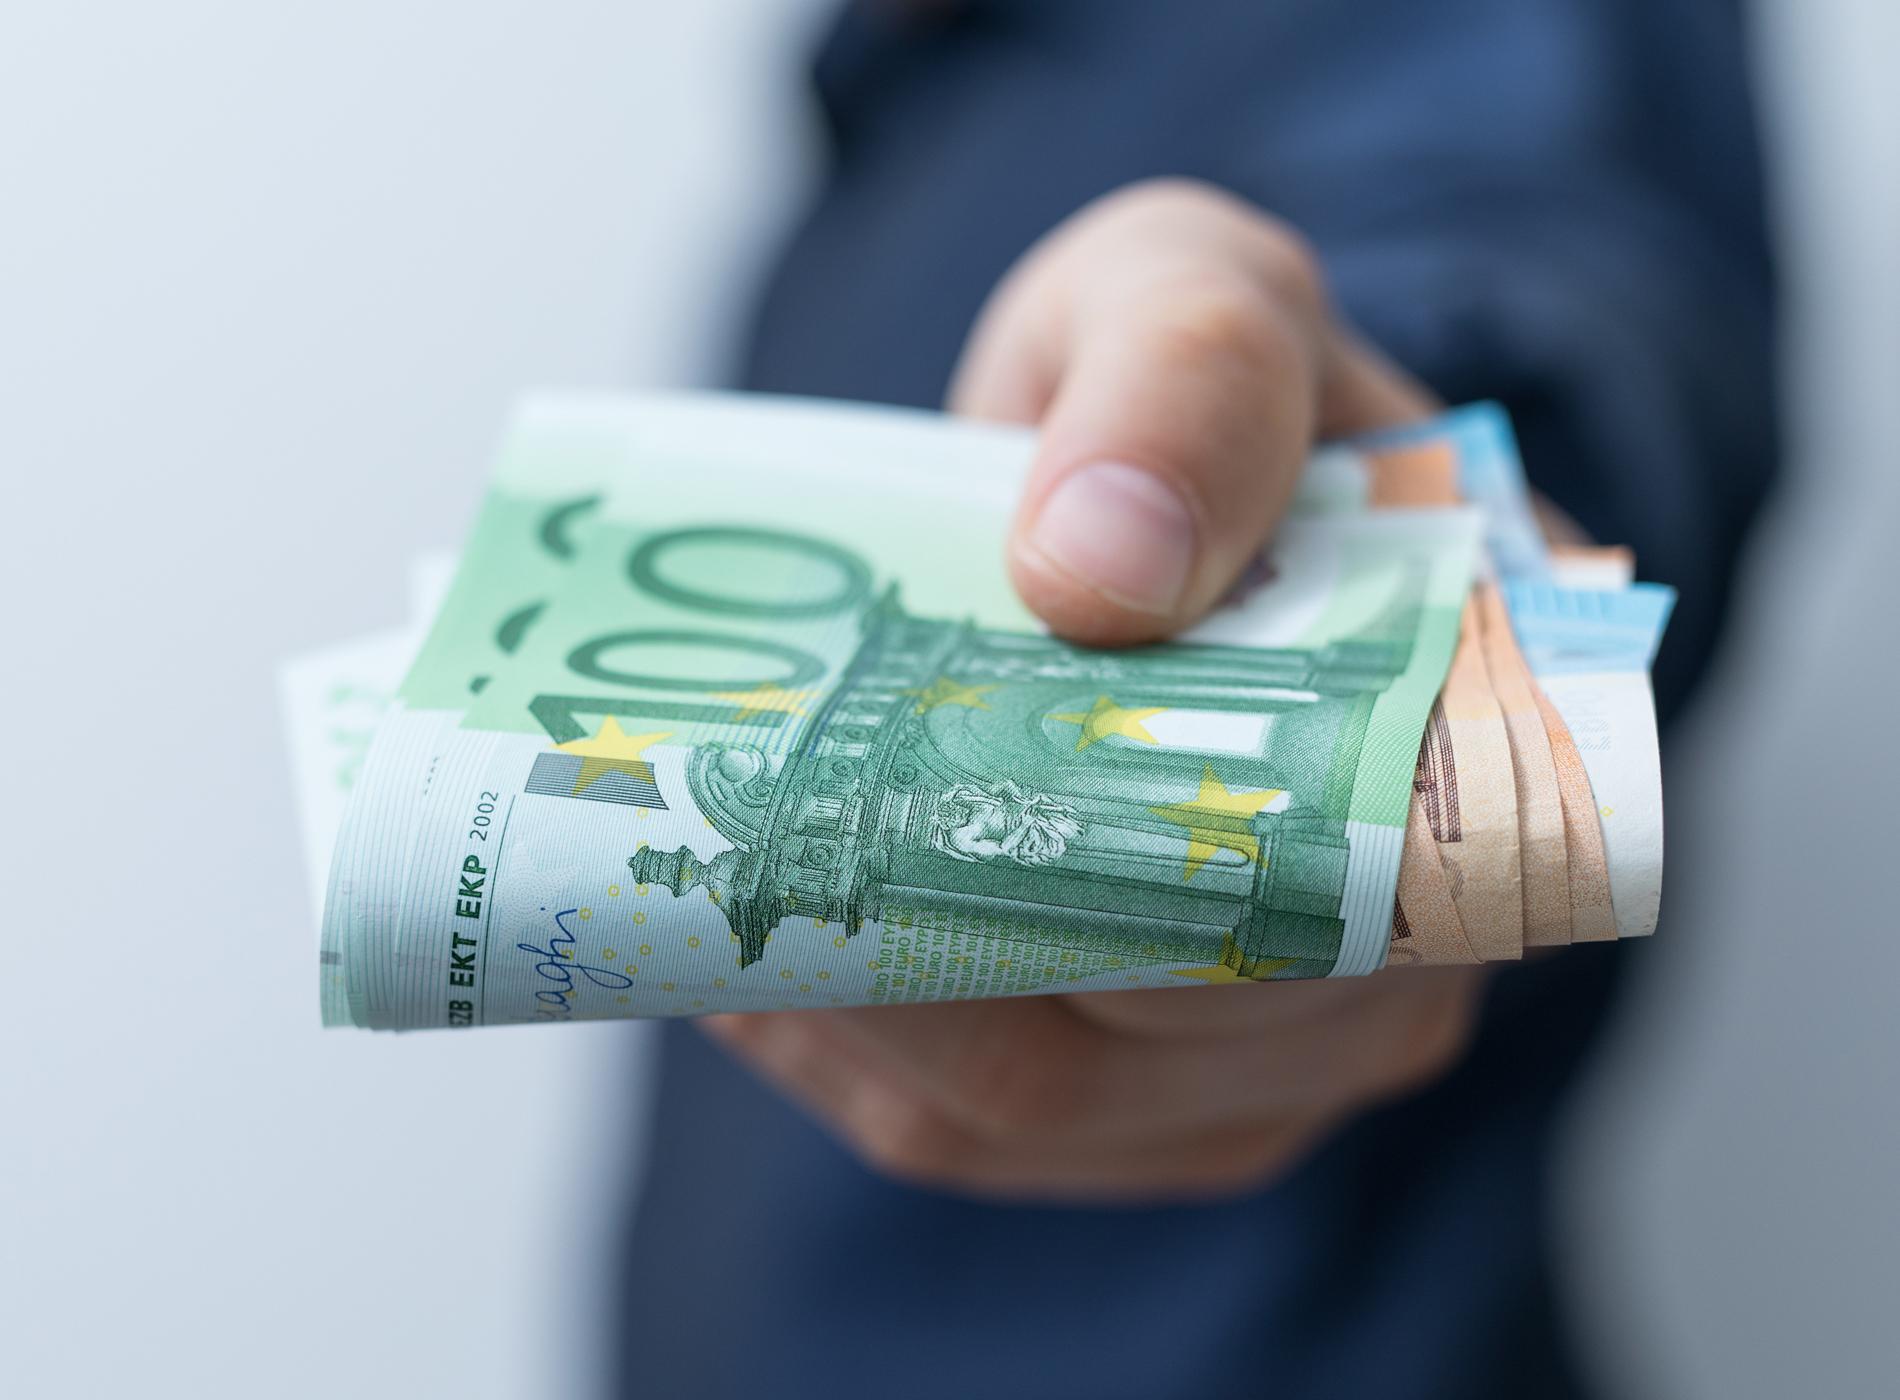 Finanzierung_Factoring_Geld leihen_Rechnung_Geldscheine